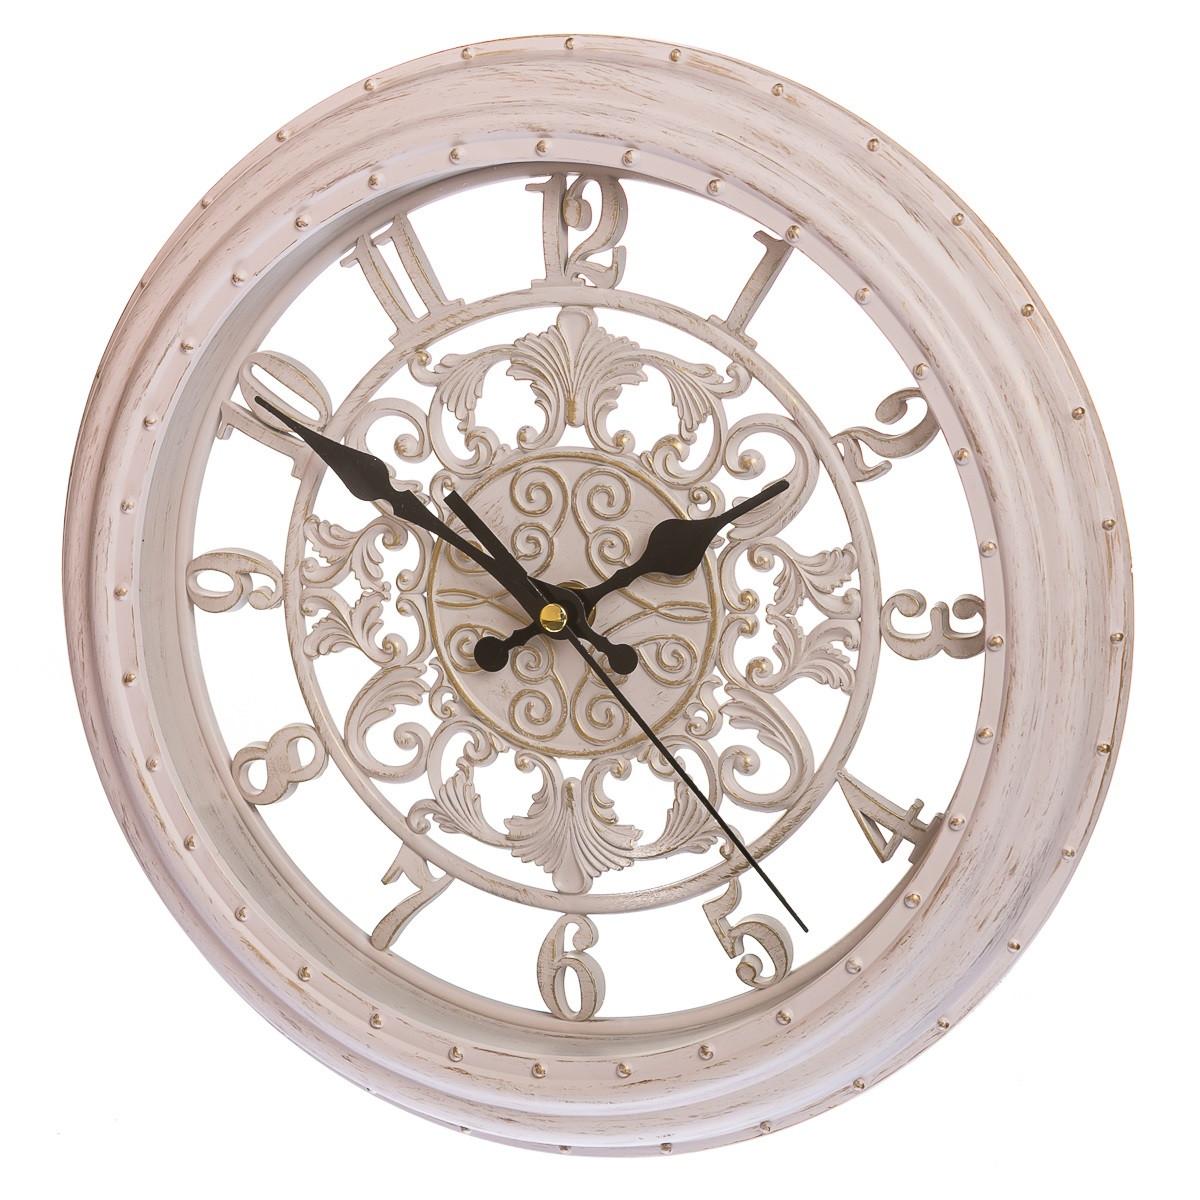 Часы настенные 28 см (131A/cream)